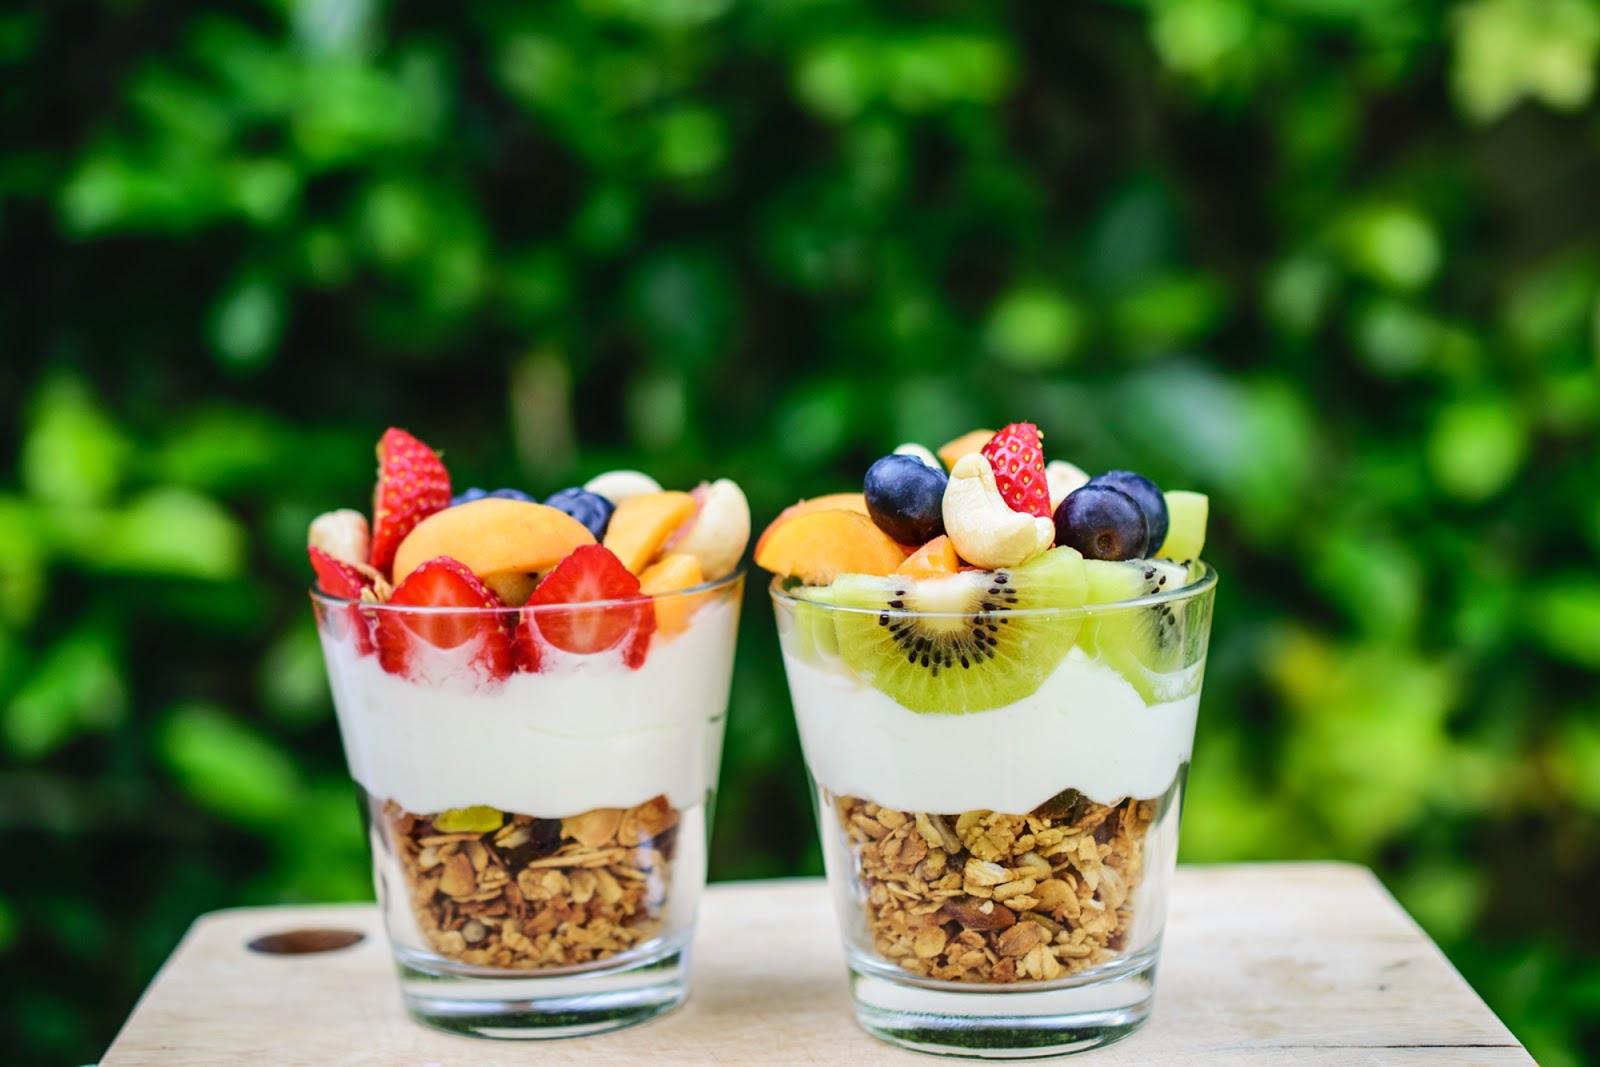 Σπιτικά δημητριακά με φρούτα και ξηρούς καρπούς